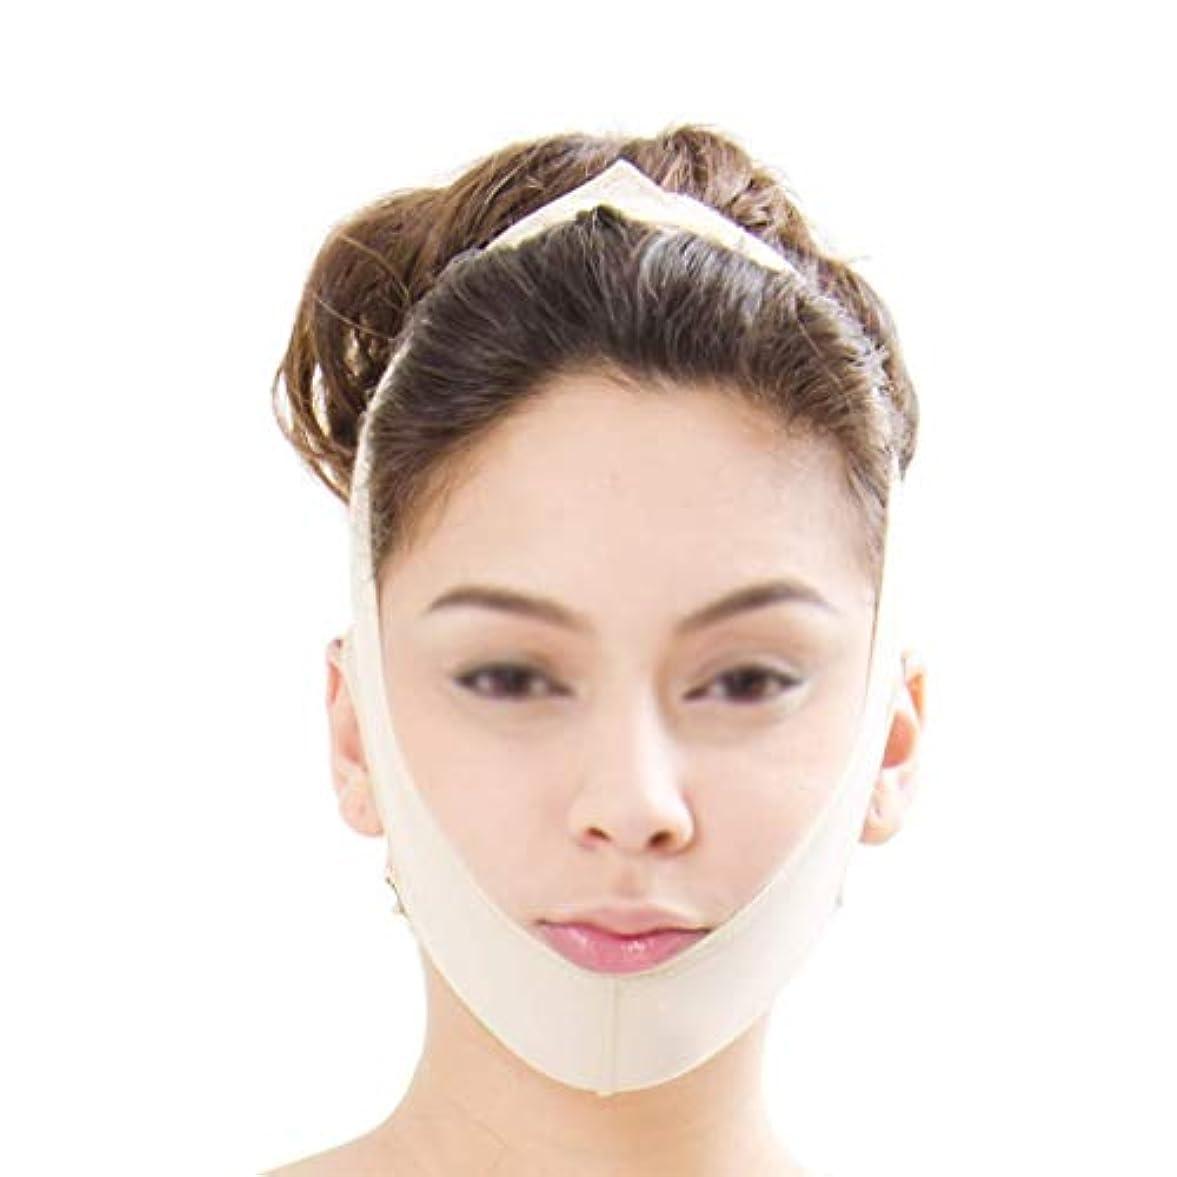 文字通りつぼみ少ないフェイススリミングバンデージ、フェイスリフティングマスク、フェイスリフティングバンデージ、フェイシャル減量マスク、ダブルチンケア減量(サイズ:M),S